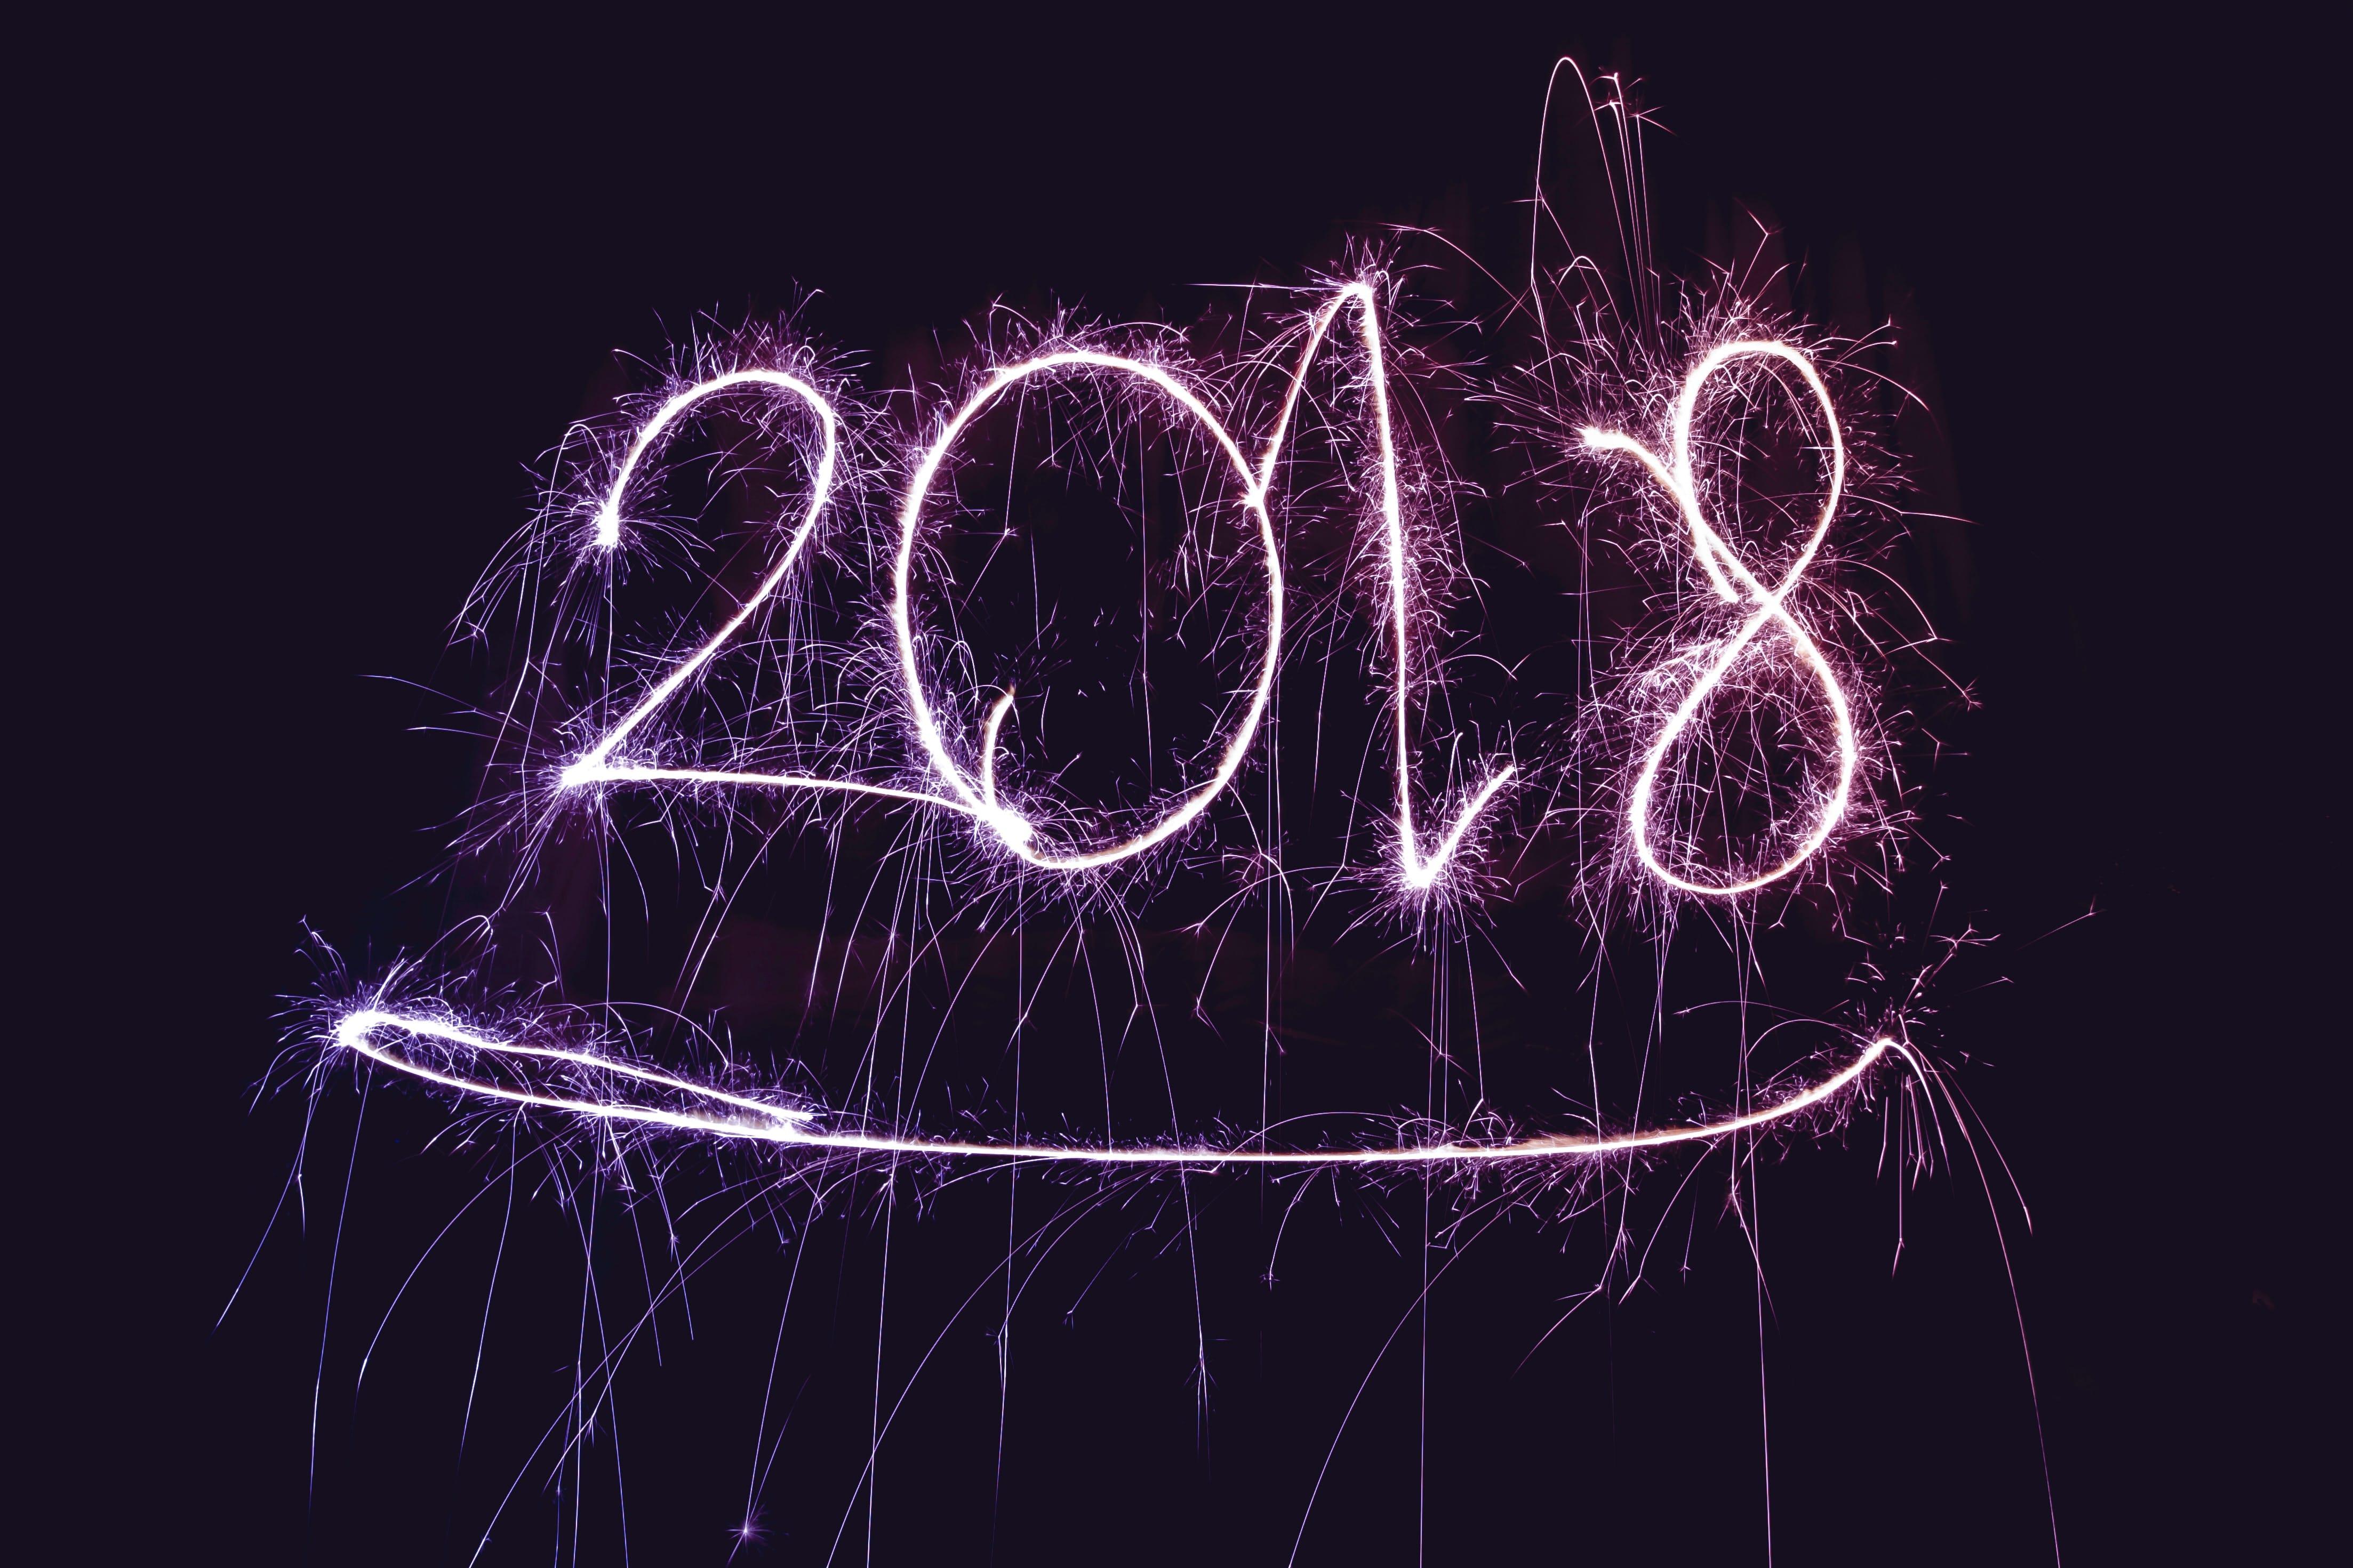 Das war mein Jahr 2017 und das erwarte ich für 2018